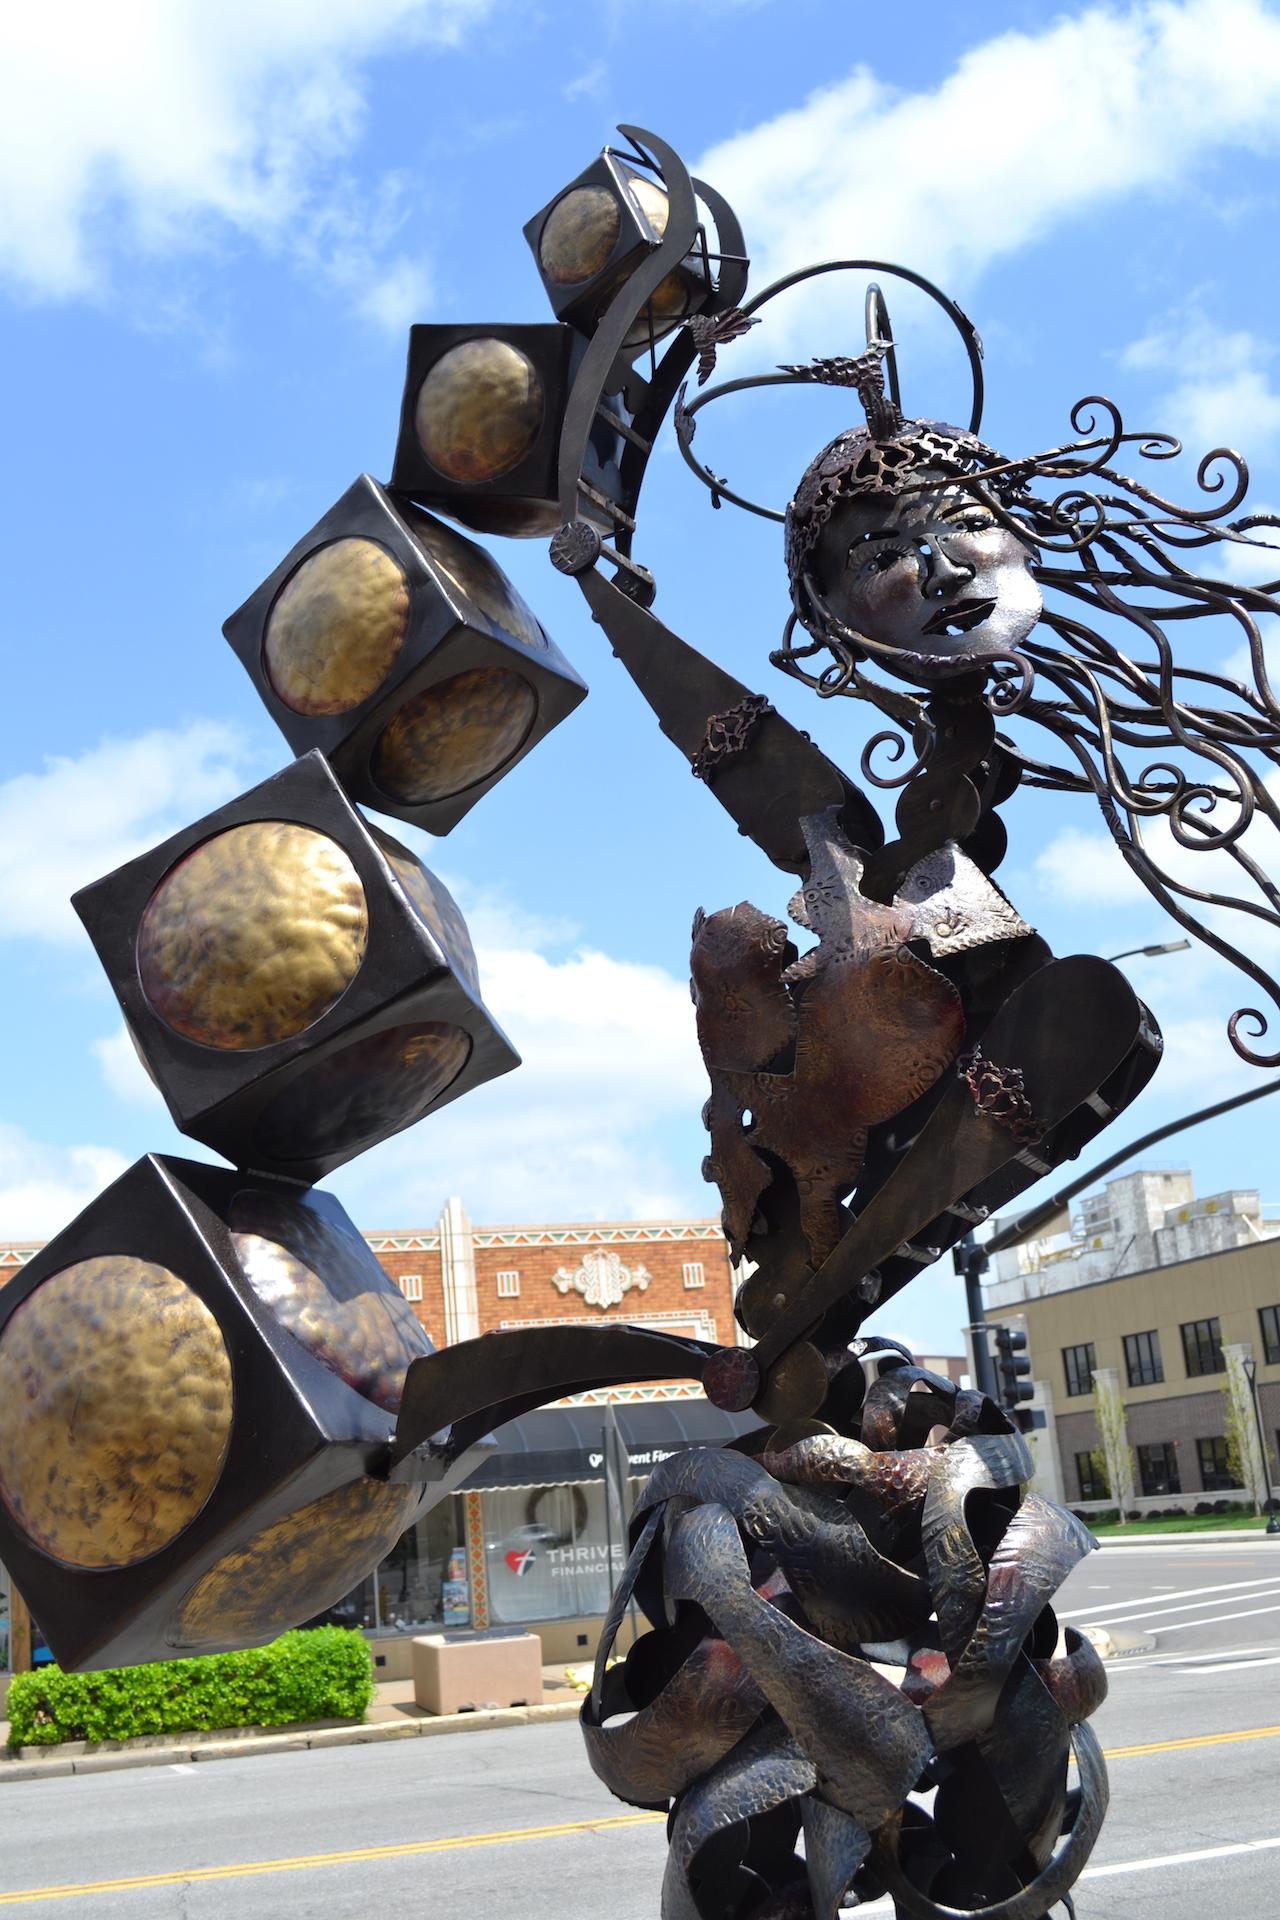 WEB_Jodie Bliss_Balancing Act - Public Sculpture, Art in Public Places: Salina, KS_Detail Image1_2018 copy.jpeg